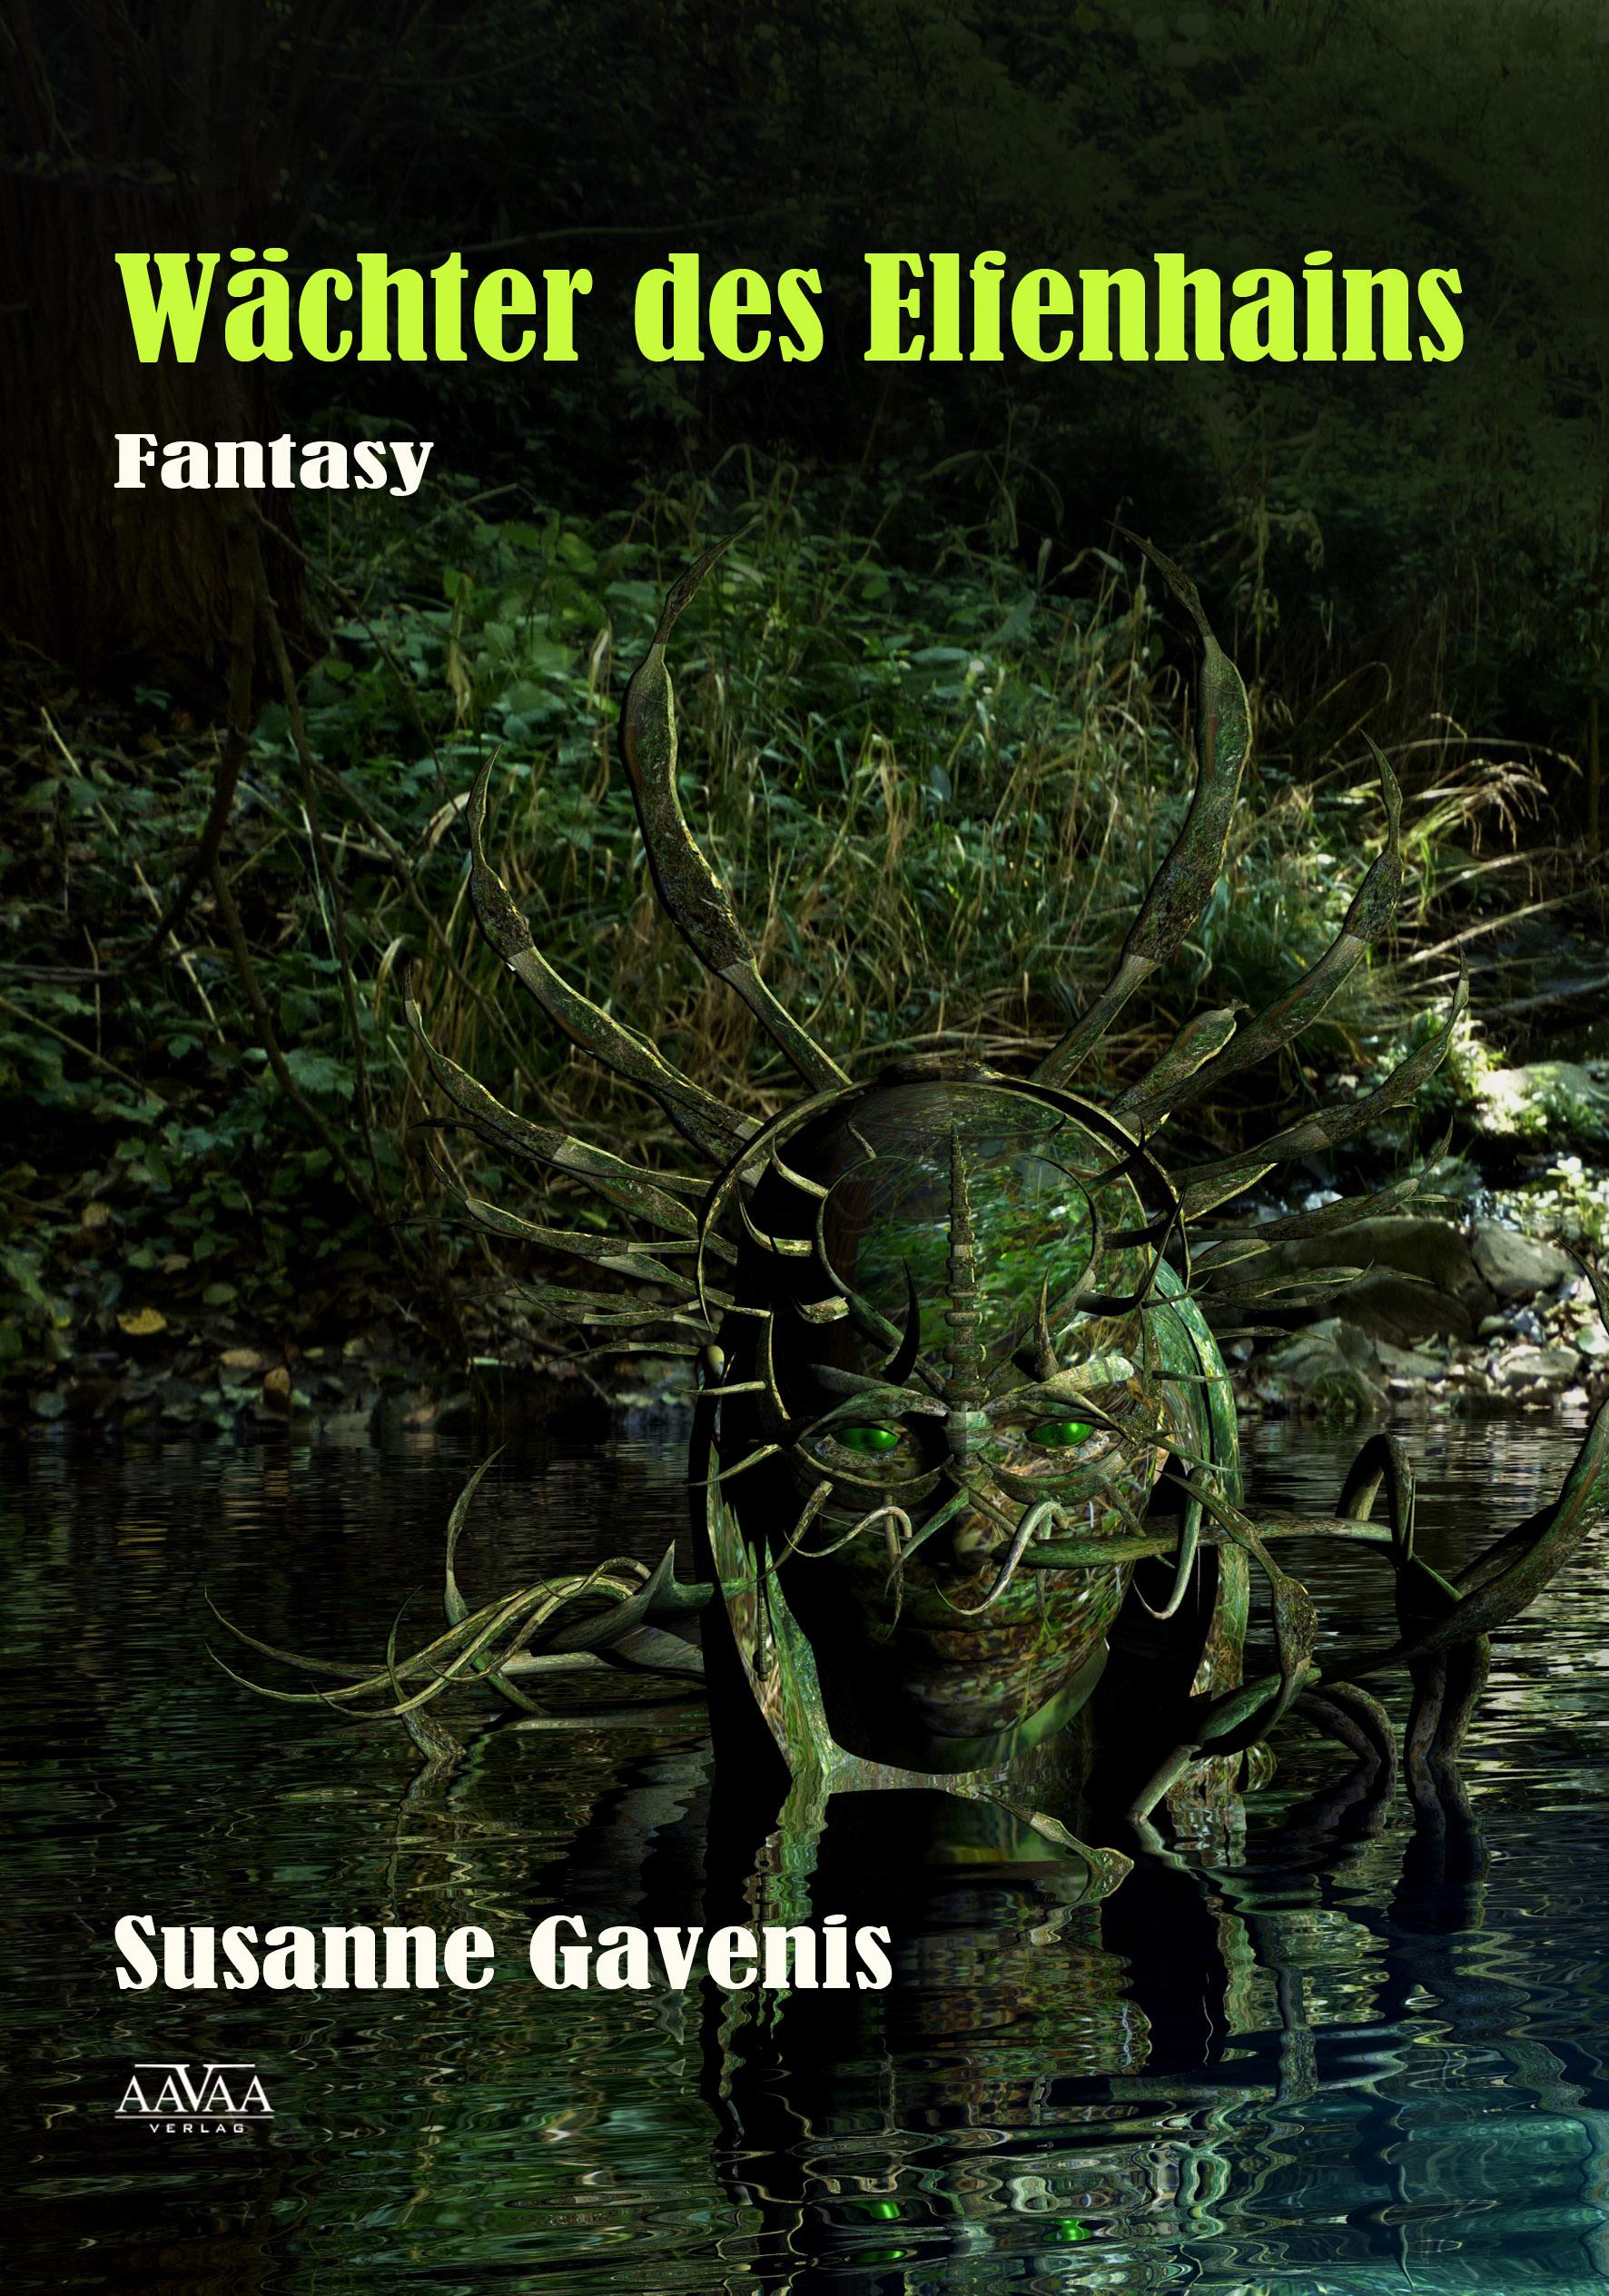 Wächter des Elfenhains, Susanne Gavenis Kj7b-1a-6c83